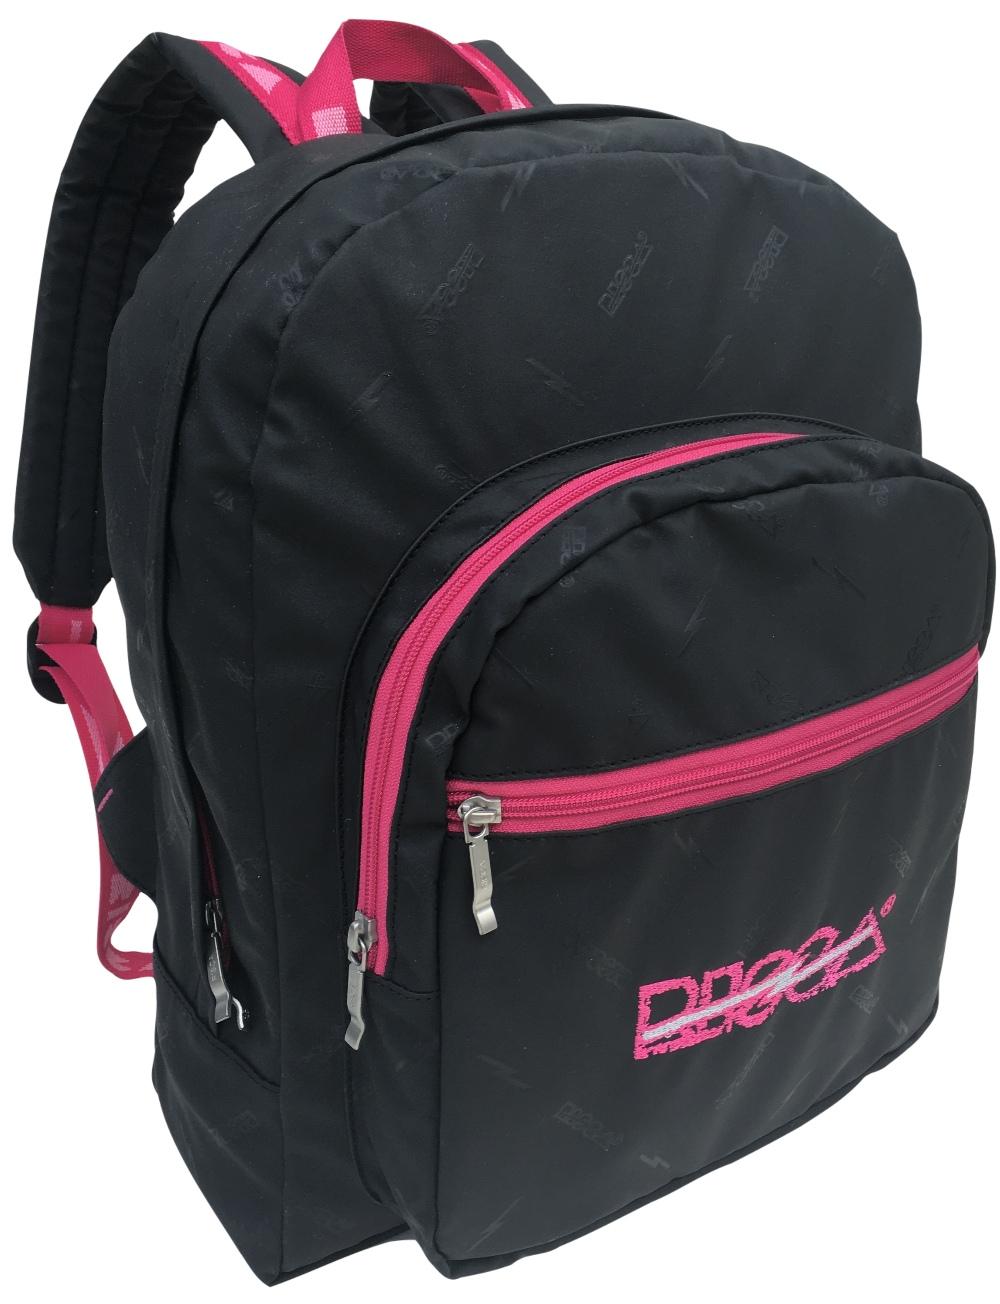 Mochila Risca 9070 - Preta / Pink